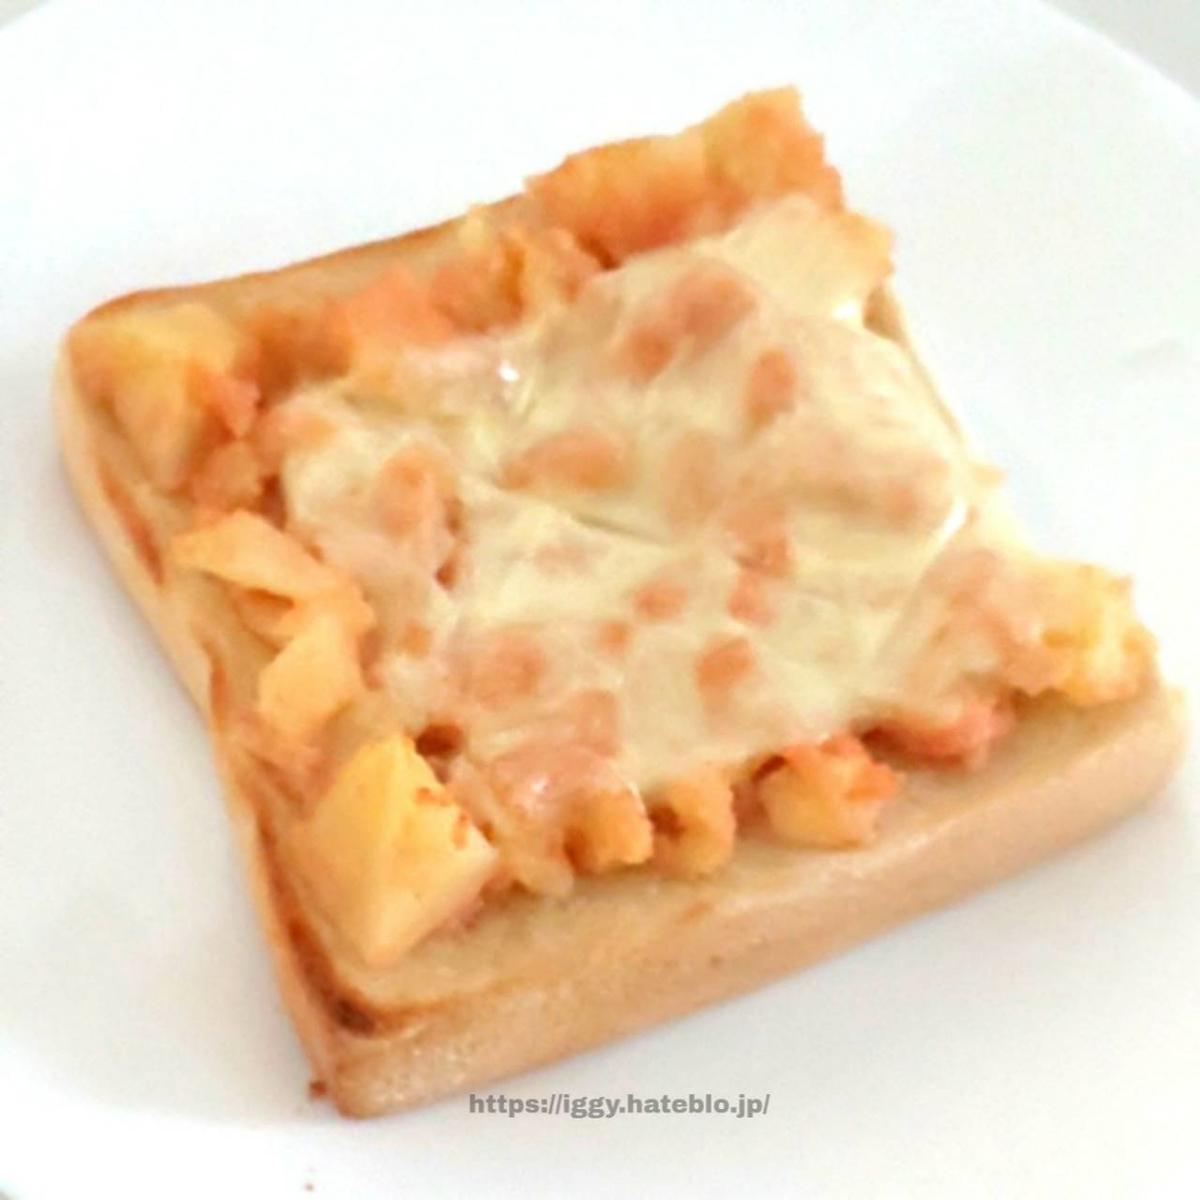 明太ポテトチーズトースト 作り方 材料